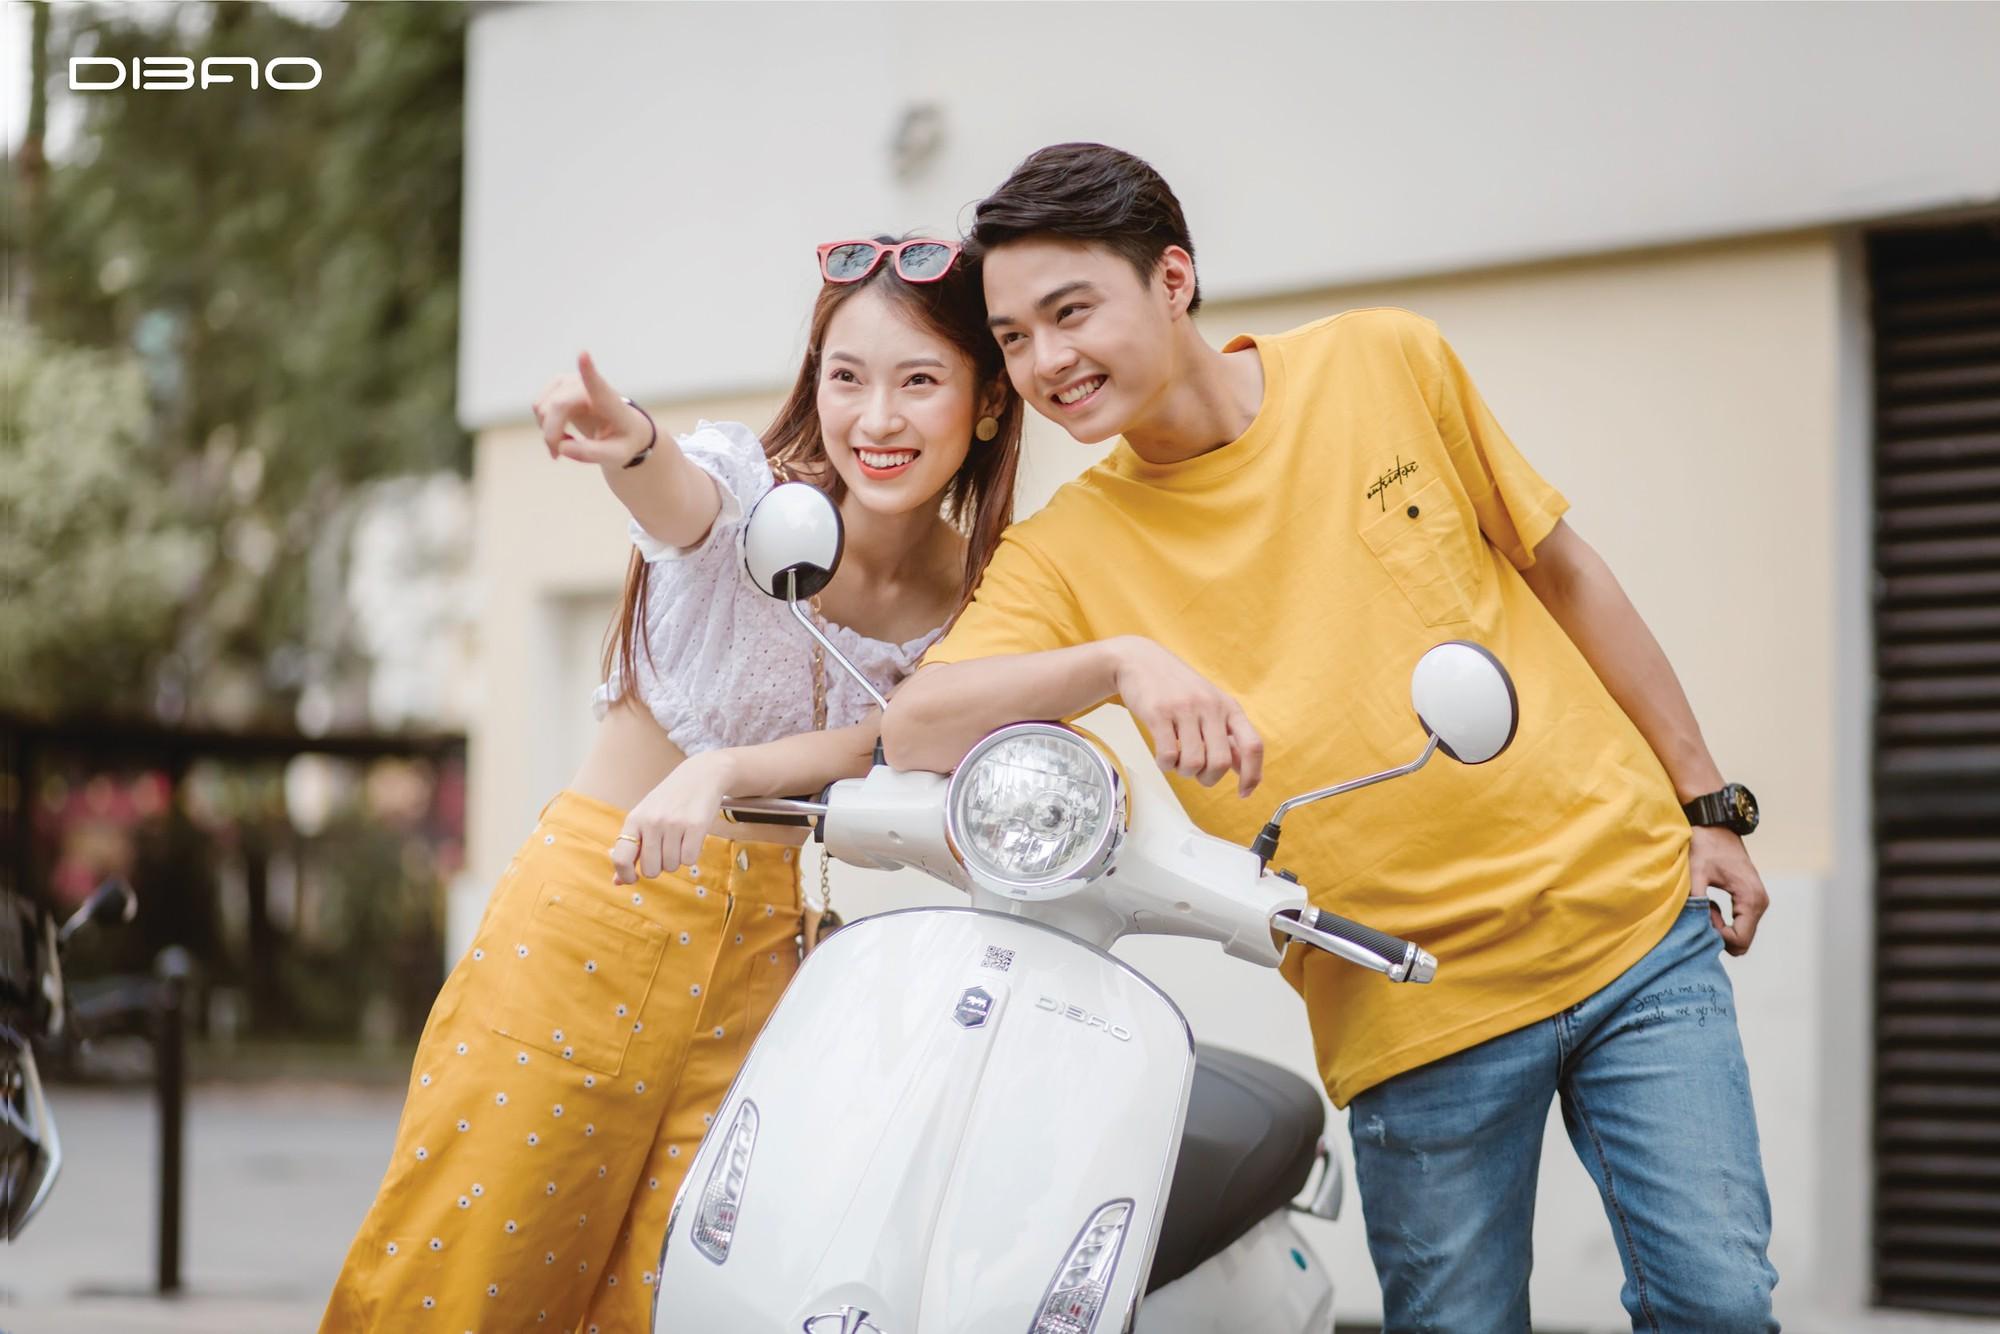 Bắt gặp hotgirl 7 thứ tiếng Khánh Vy sánh đôi cùng trai lạ trên xe điện Dibao - Ảnh 1.